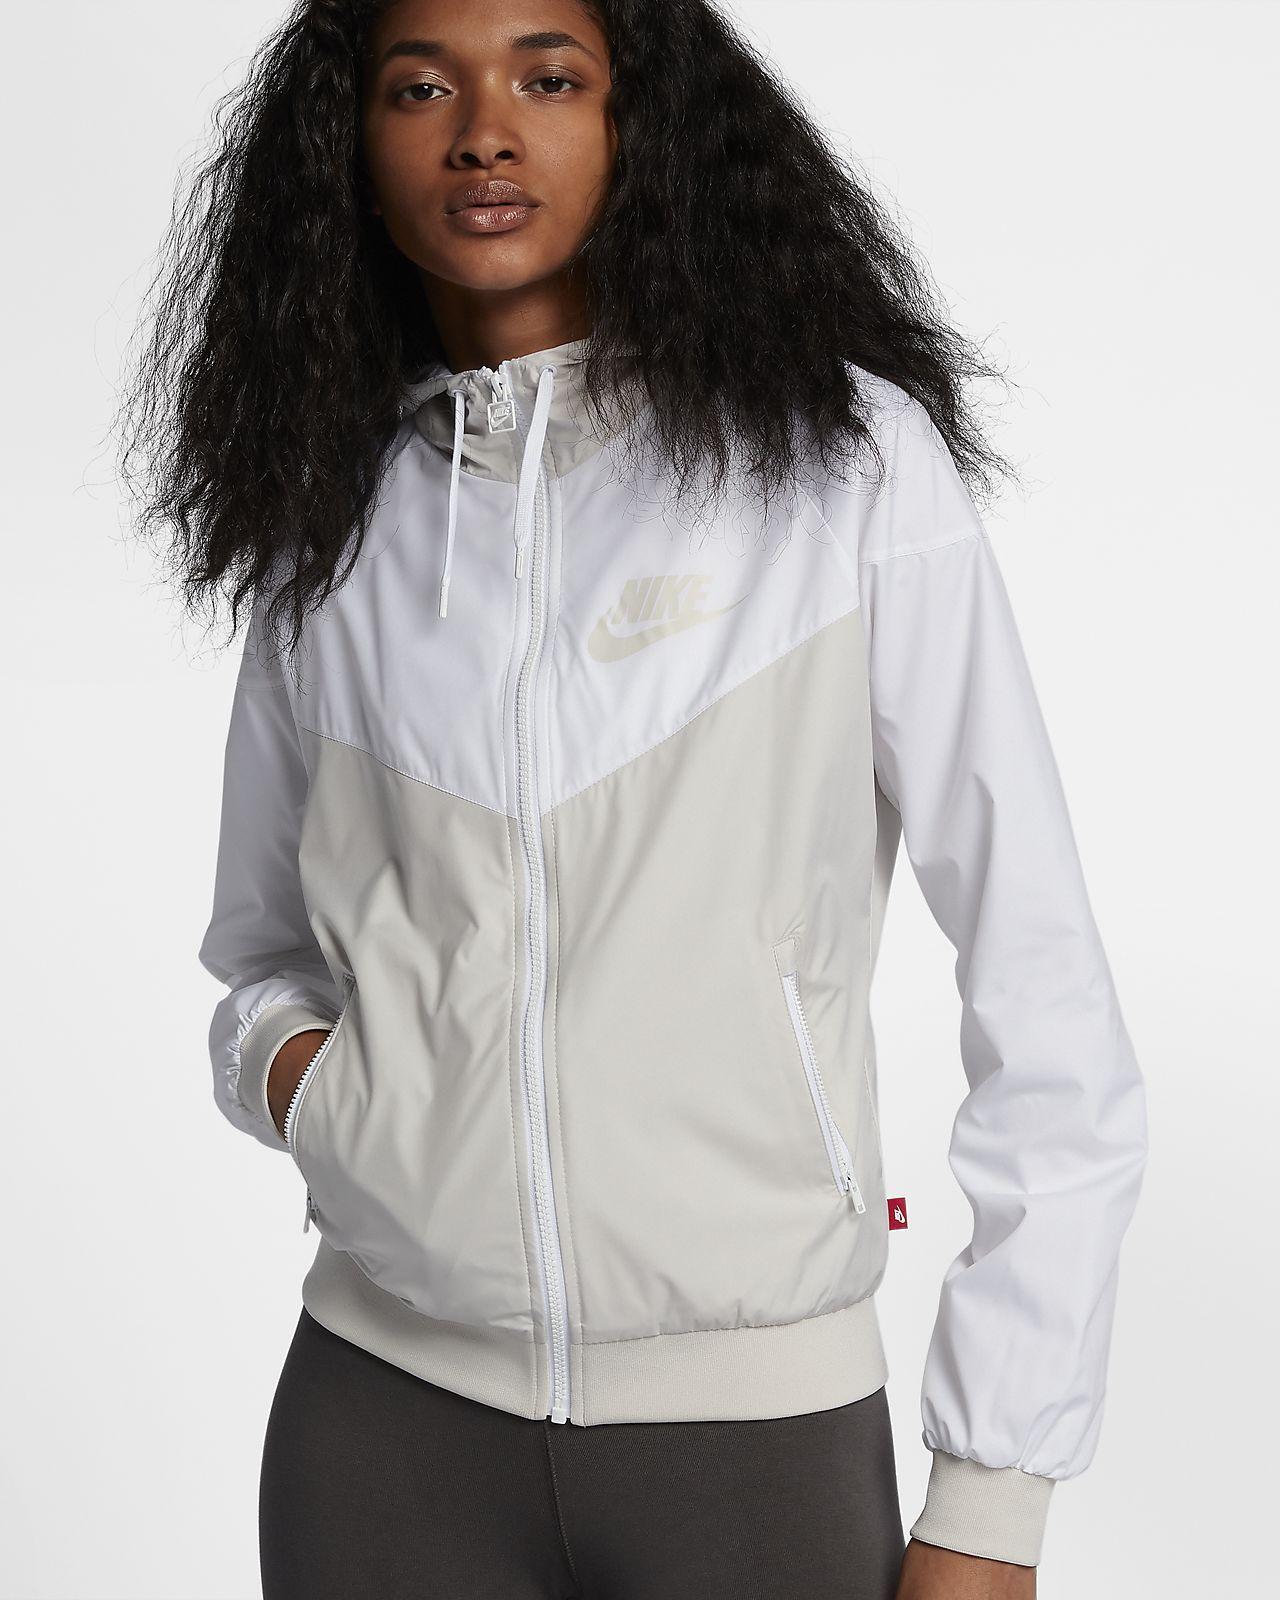 ac6b07116c Nike Sportswear Windrunner Women s Jacket light bone in small ...